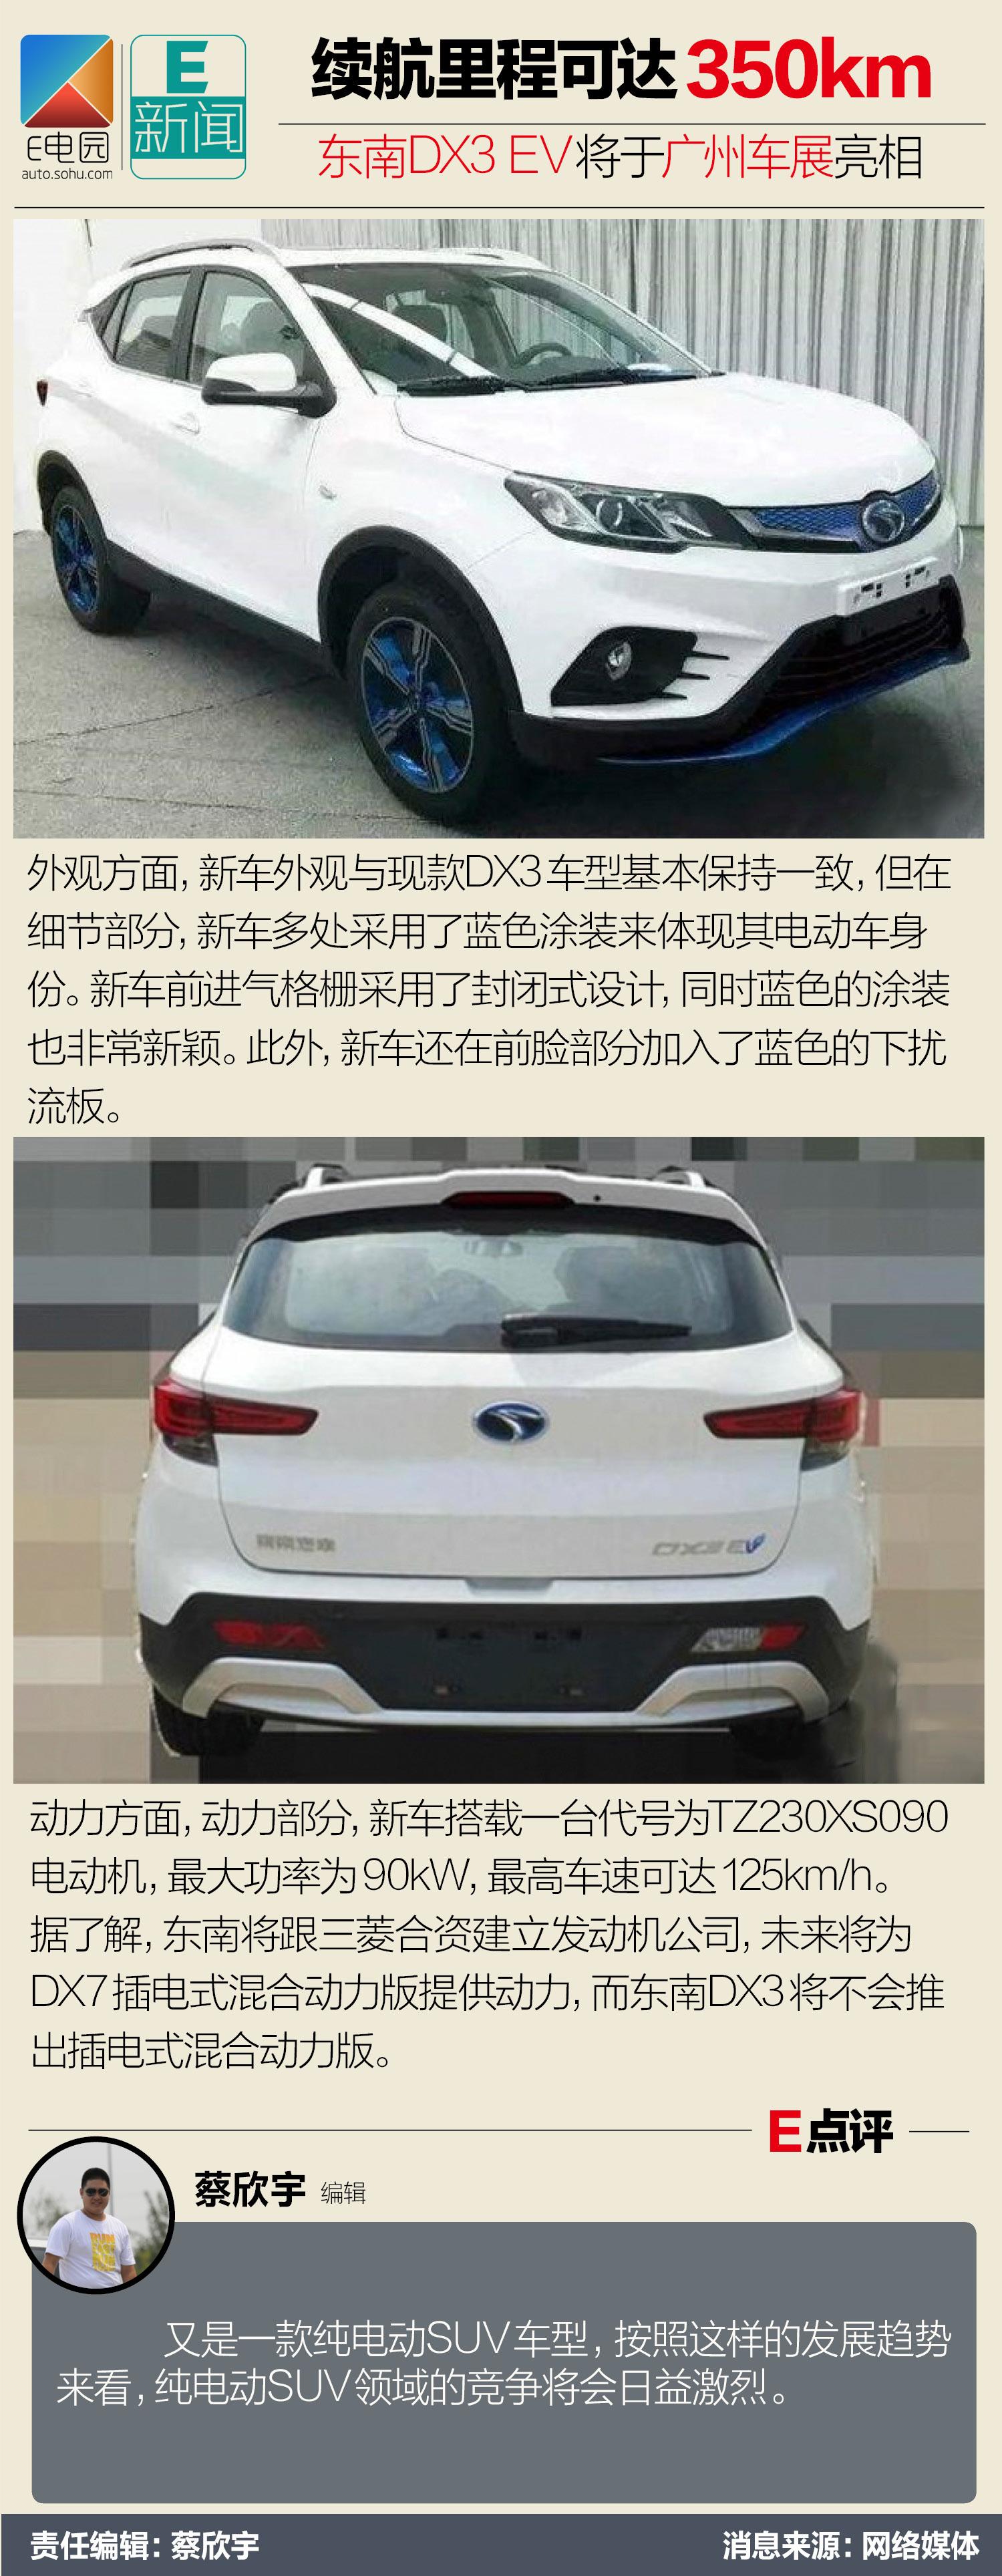 东南DX3 EV将于广州车展亮相 续航里程可达350km(第1页) -